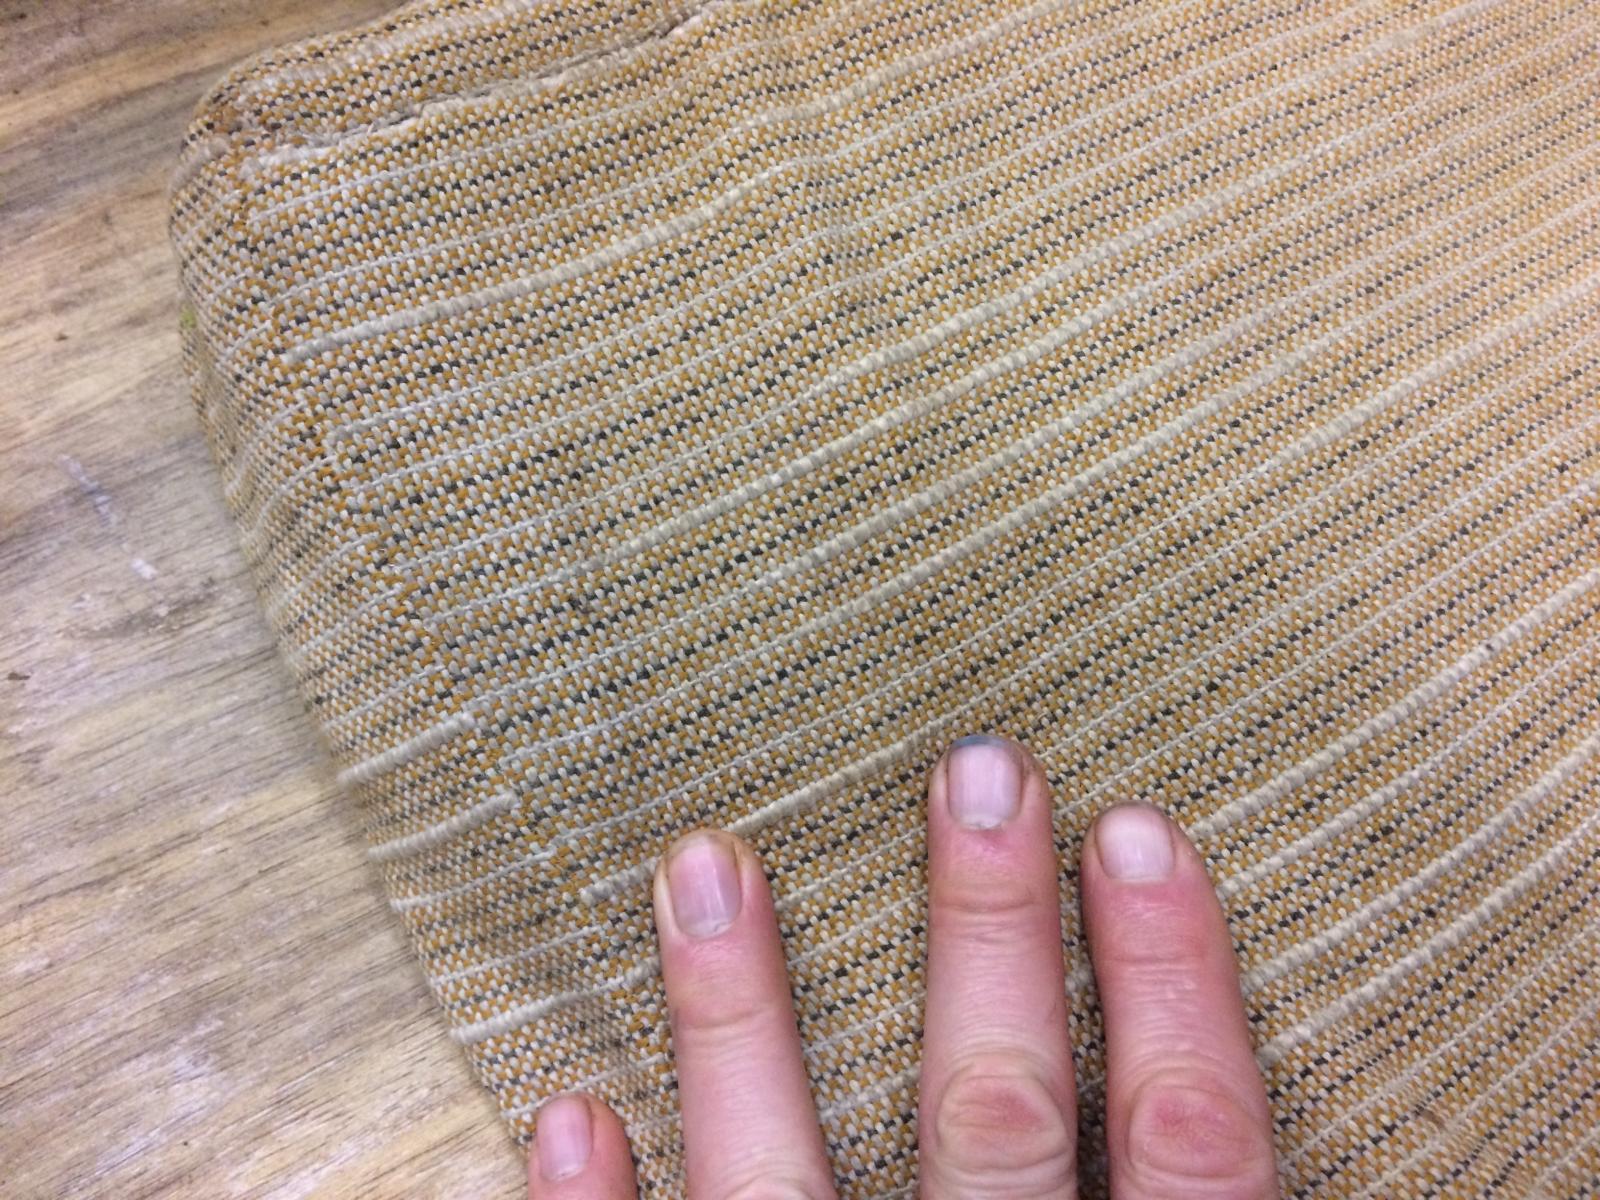 '58 Alaska westy - cushion fabric. Original?